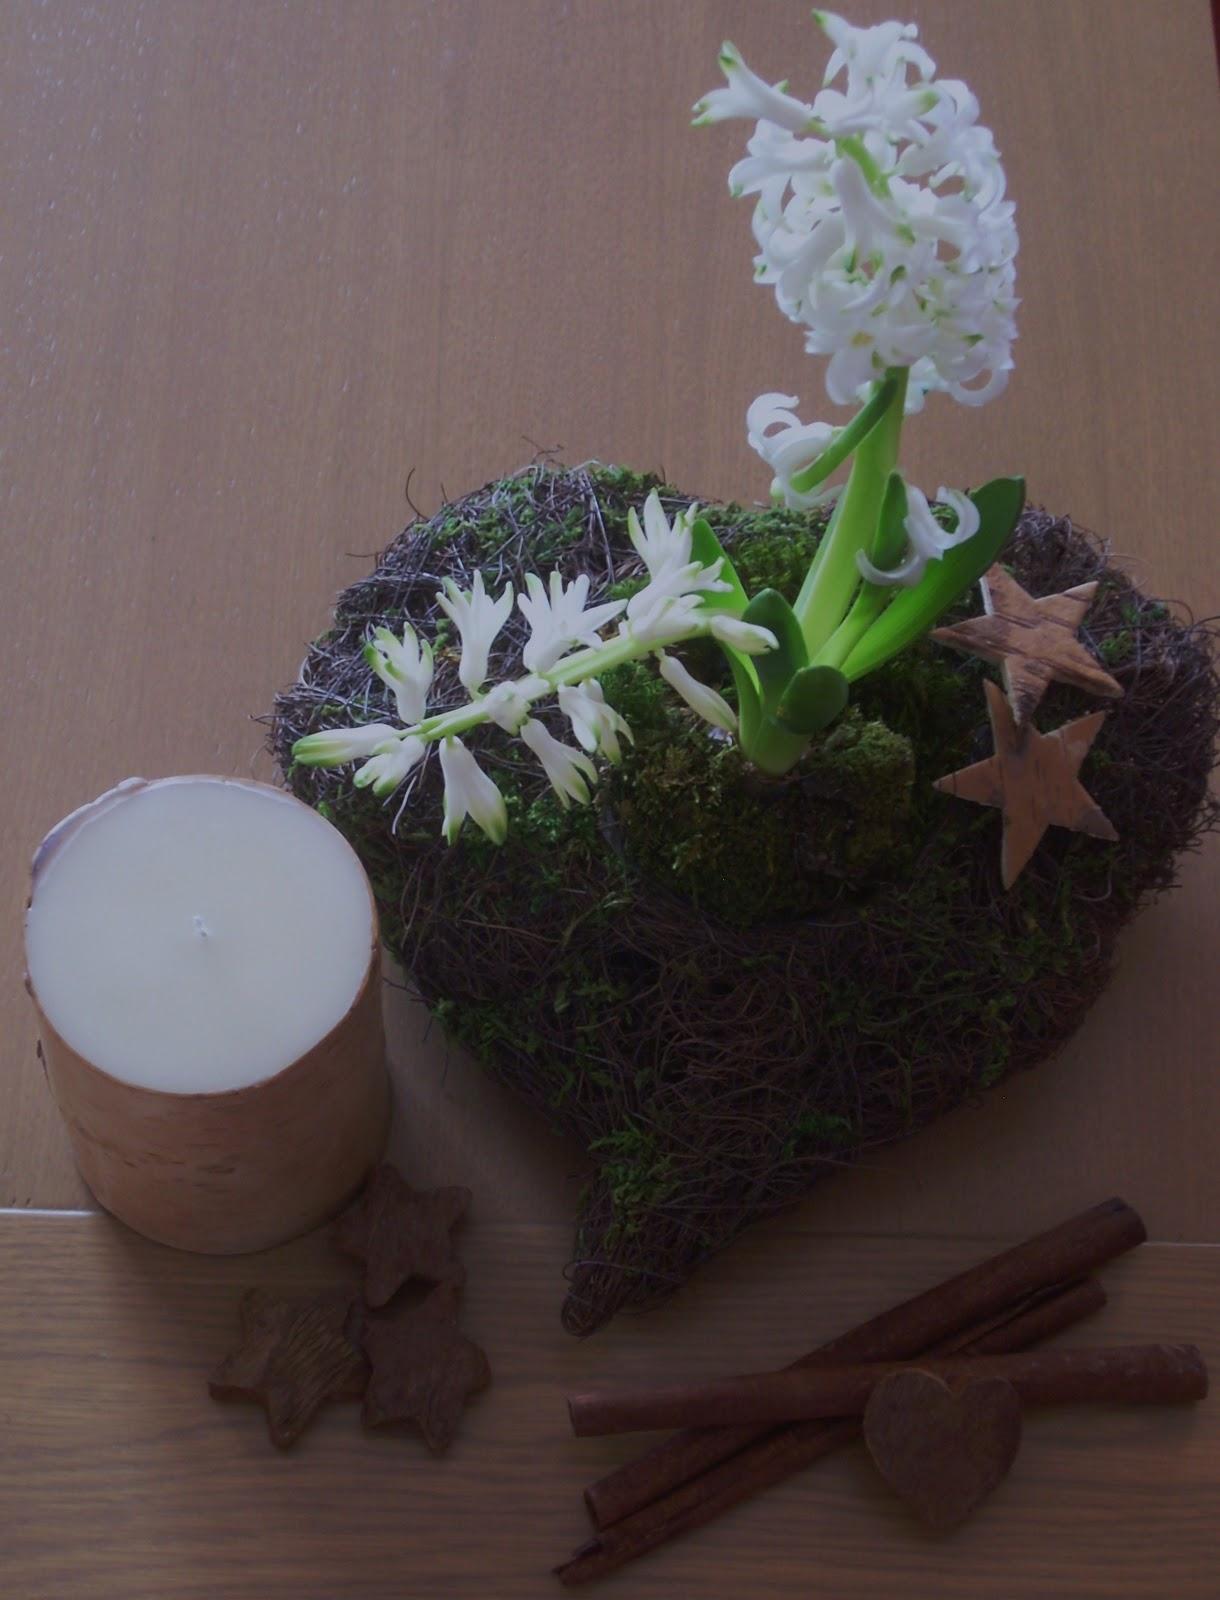 Le Patty idee: Primavera...tempo di fiori!